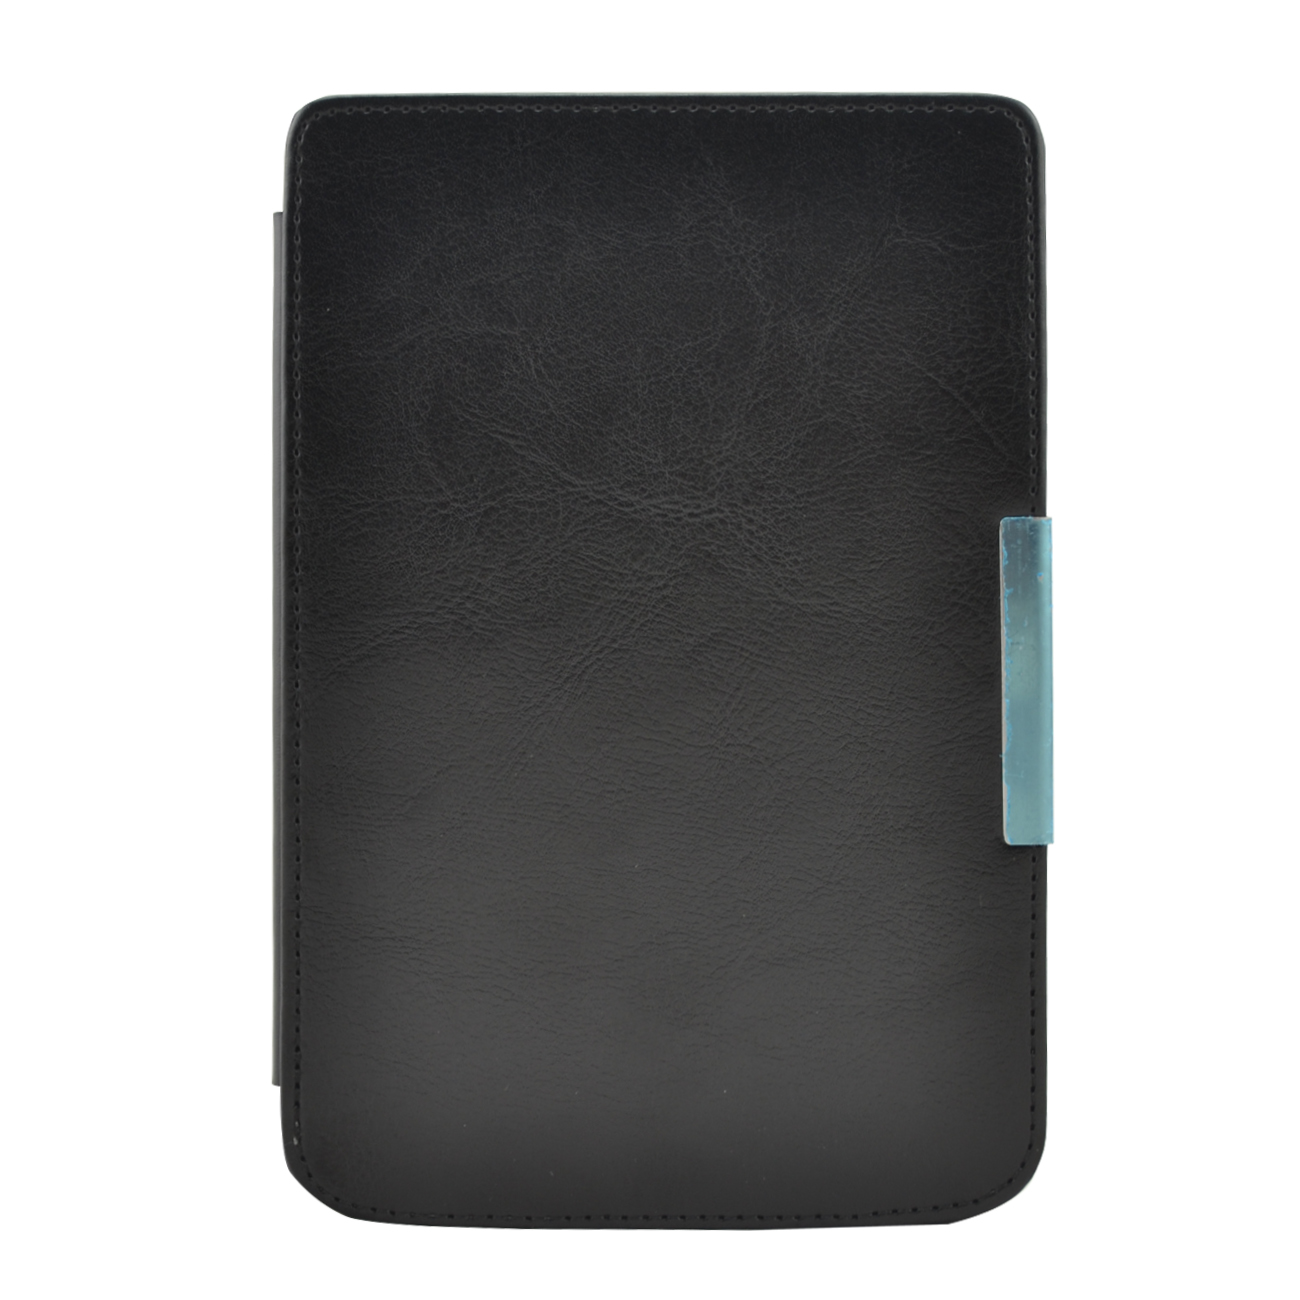 Funda de cuero funda para Pocketbook Touch 614/624/626/640 libro de bolsillo básico Lux aqua eReader de Libros case + film + stylus